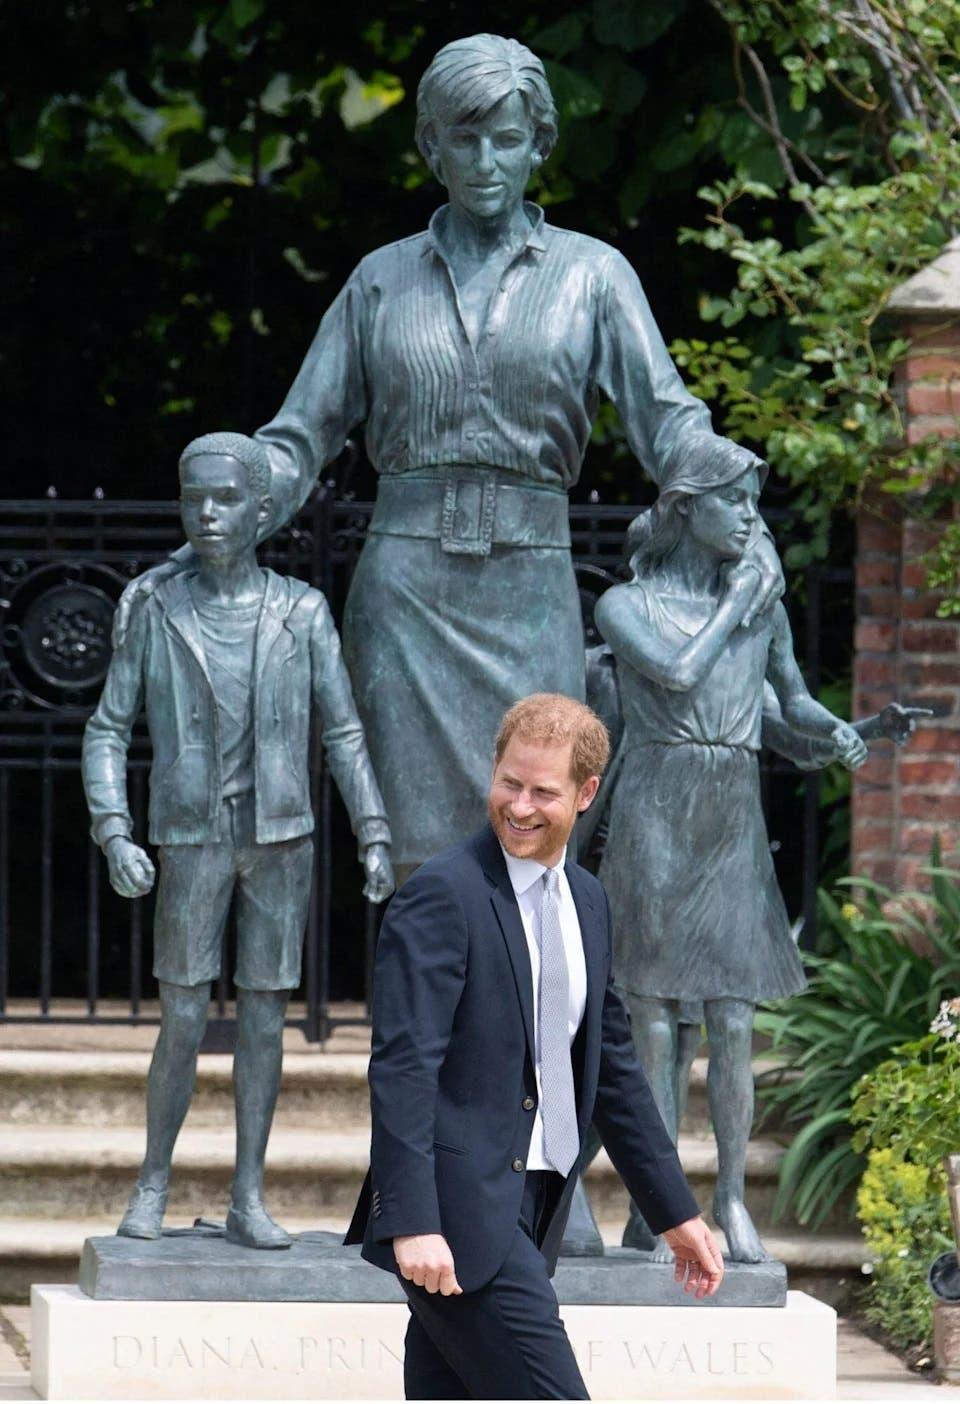 El príncipe Harry sonriendo frente a la estatua.